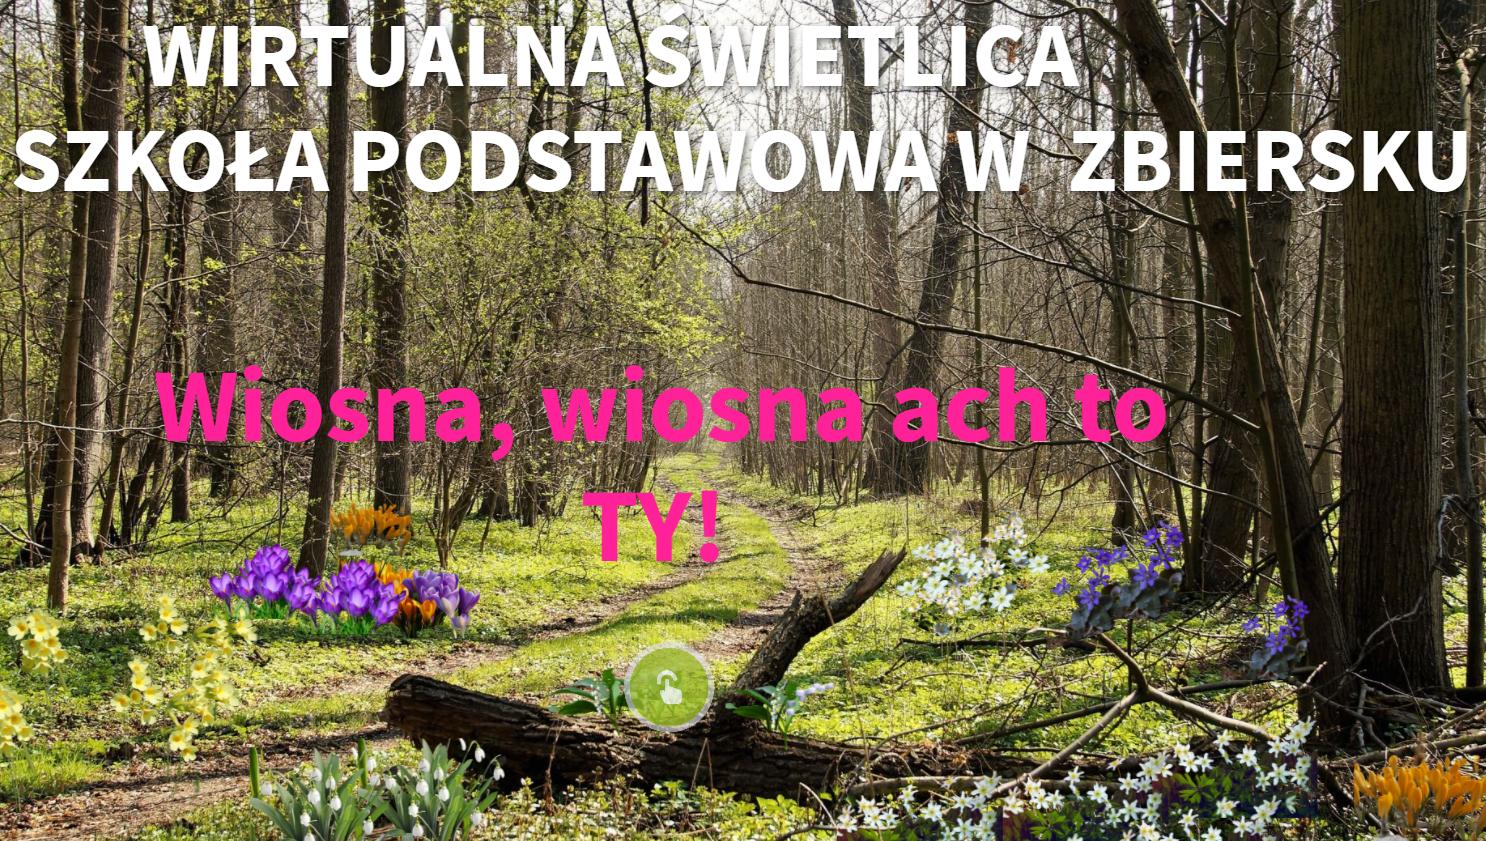 Wirtualna świetlica - Wiosna.